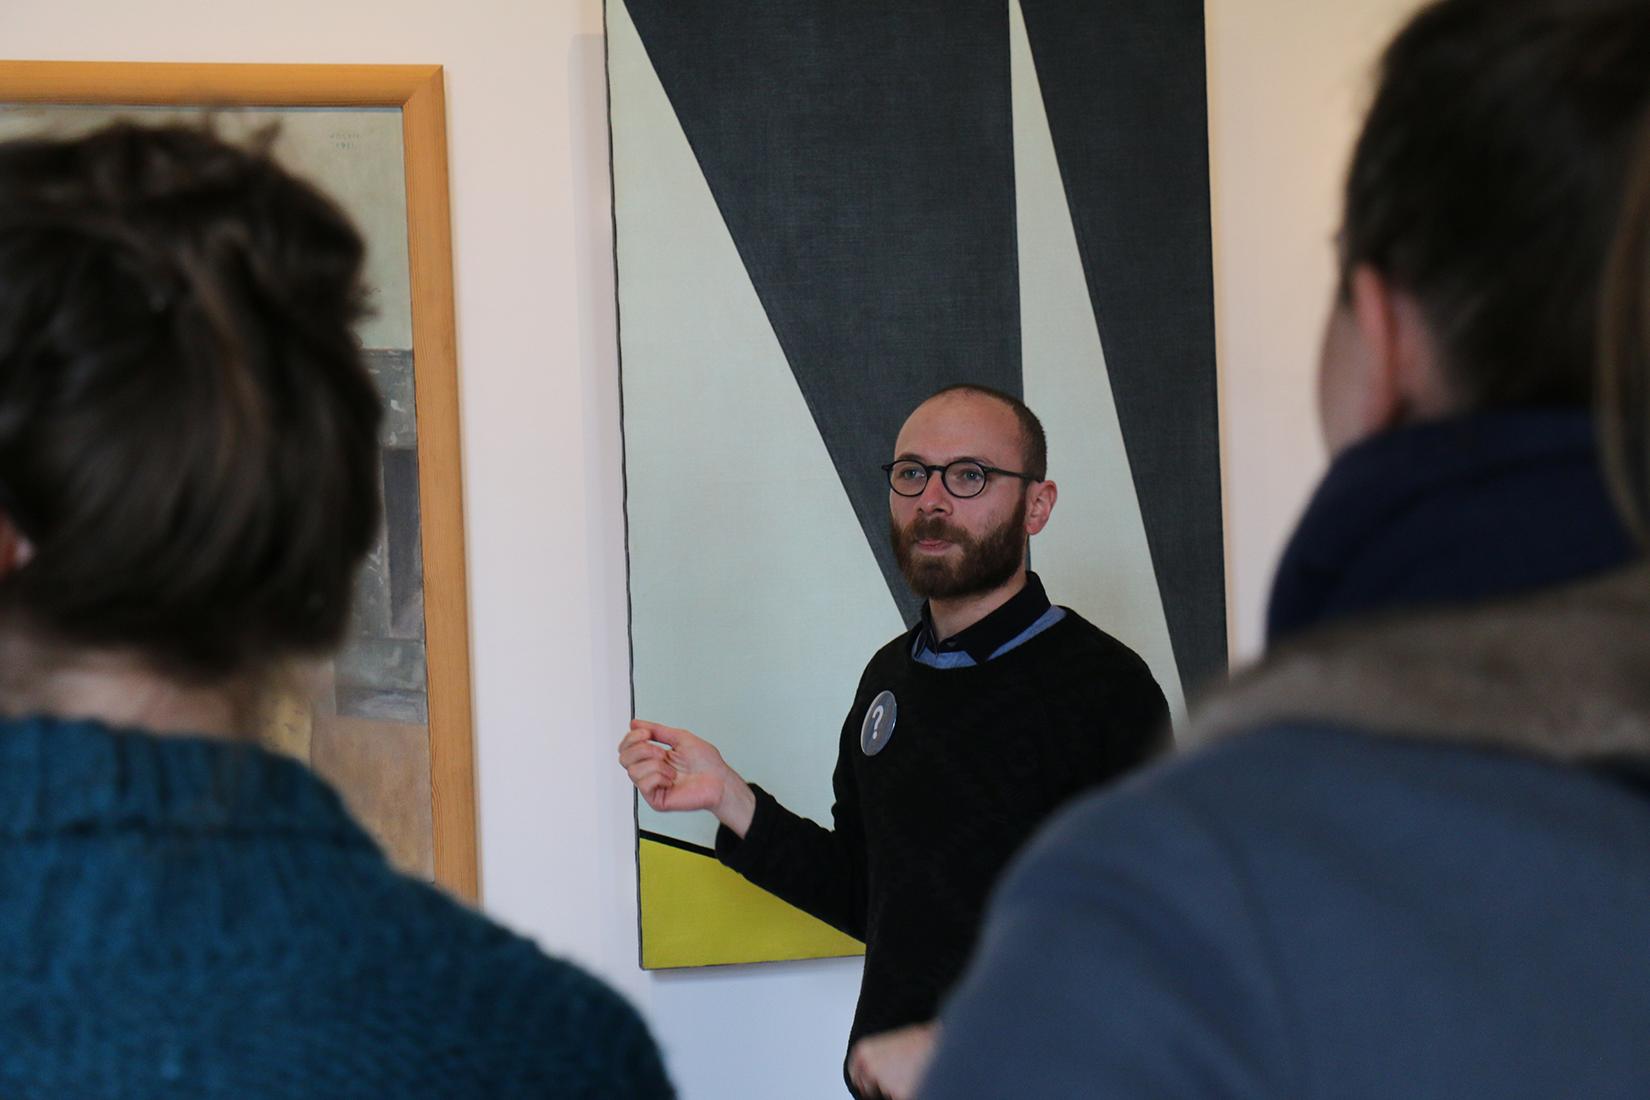 Image d'une visite guidée : un homme devant un tableau, au premier plan en flou des personnes de dos qui l'écoutent.